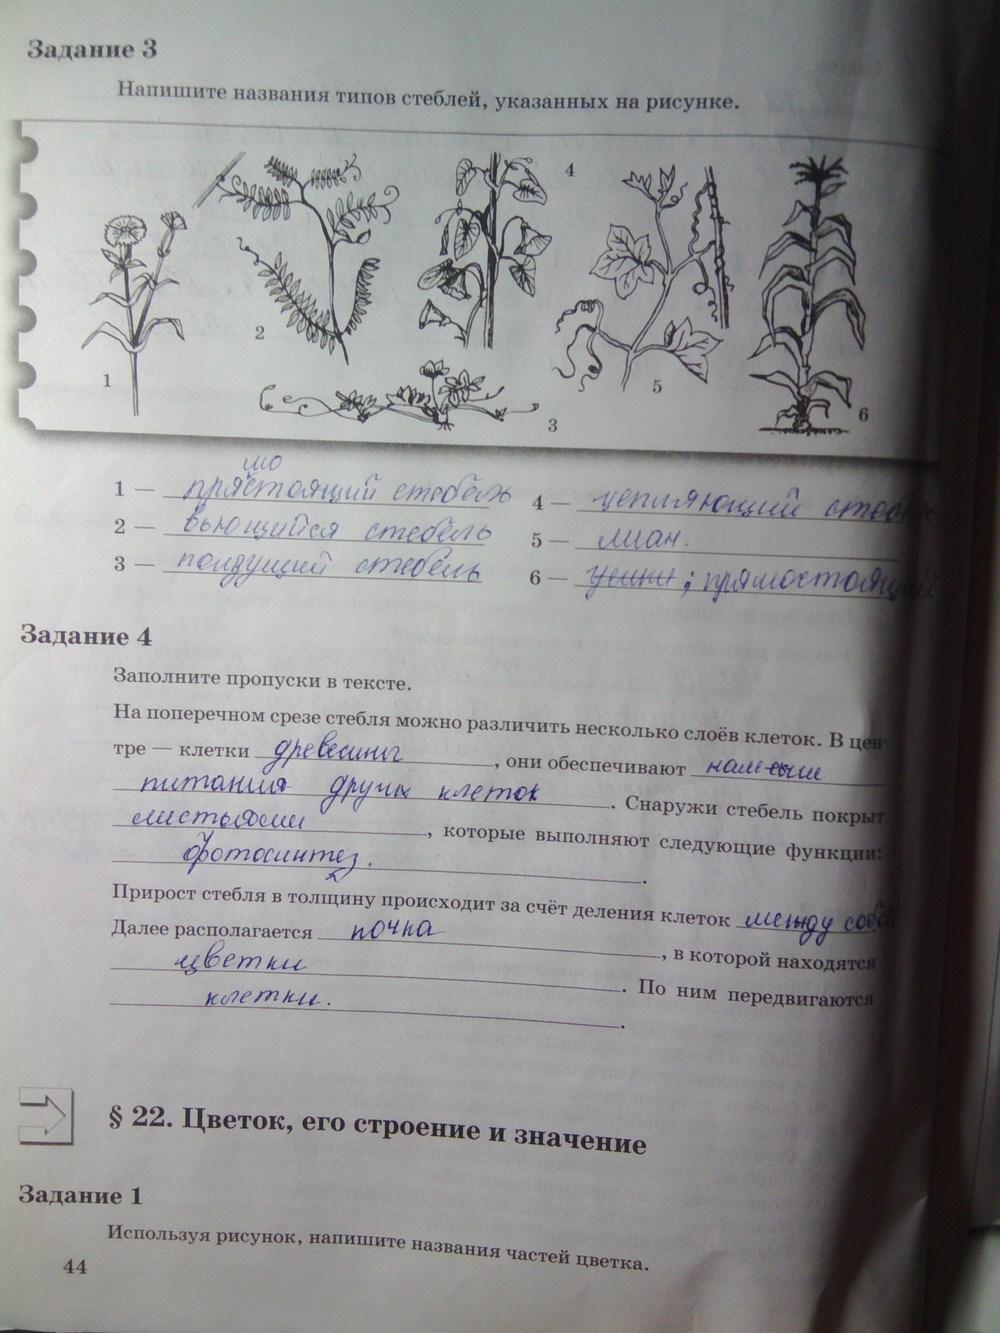 По 6 часть биологии тетрадь 2 рабочий и.н пономарева гдз класс